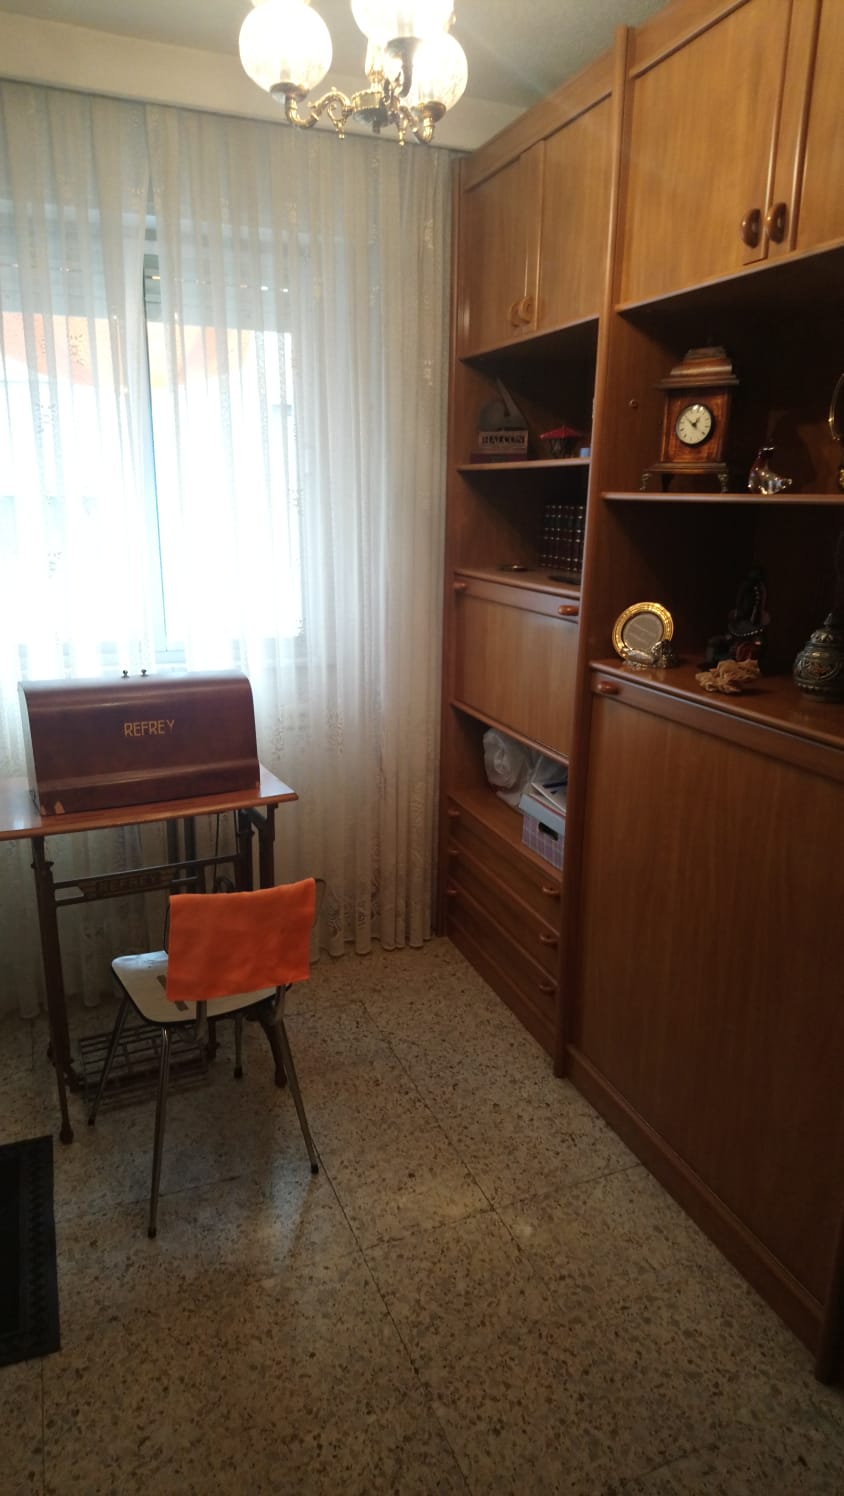 PISO DE TRES DORMITORIOS EN CALLE REGATO DEL ANIS (REF: 61LL) - foto 10 34f88f6a-0a19-4e64-aa23-b91816941ca7.jpg